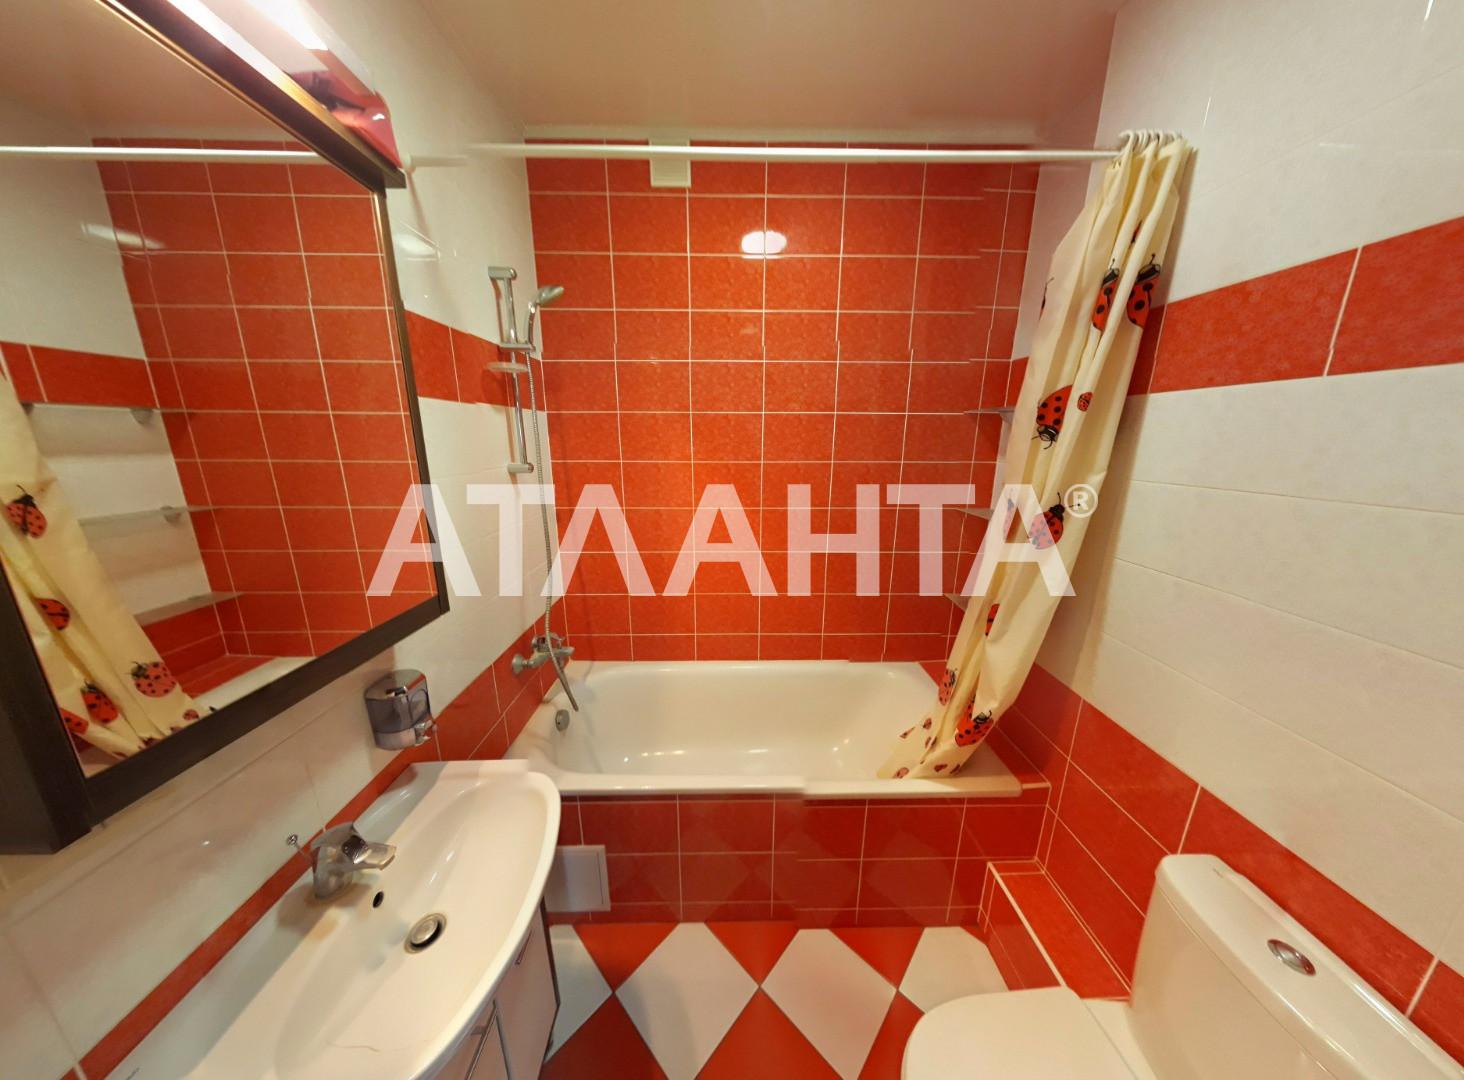 Продается 2-комнатная Квартира на ул. Ул. Вильямса — 94 000 у.е. (фото №17)